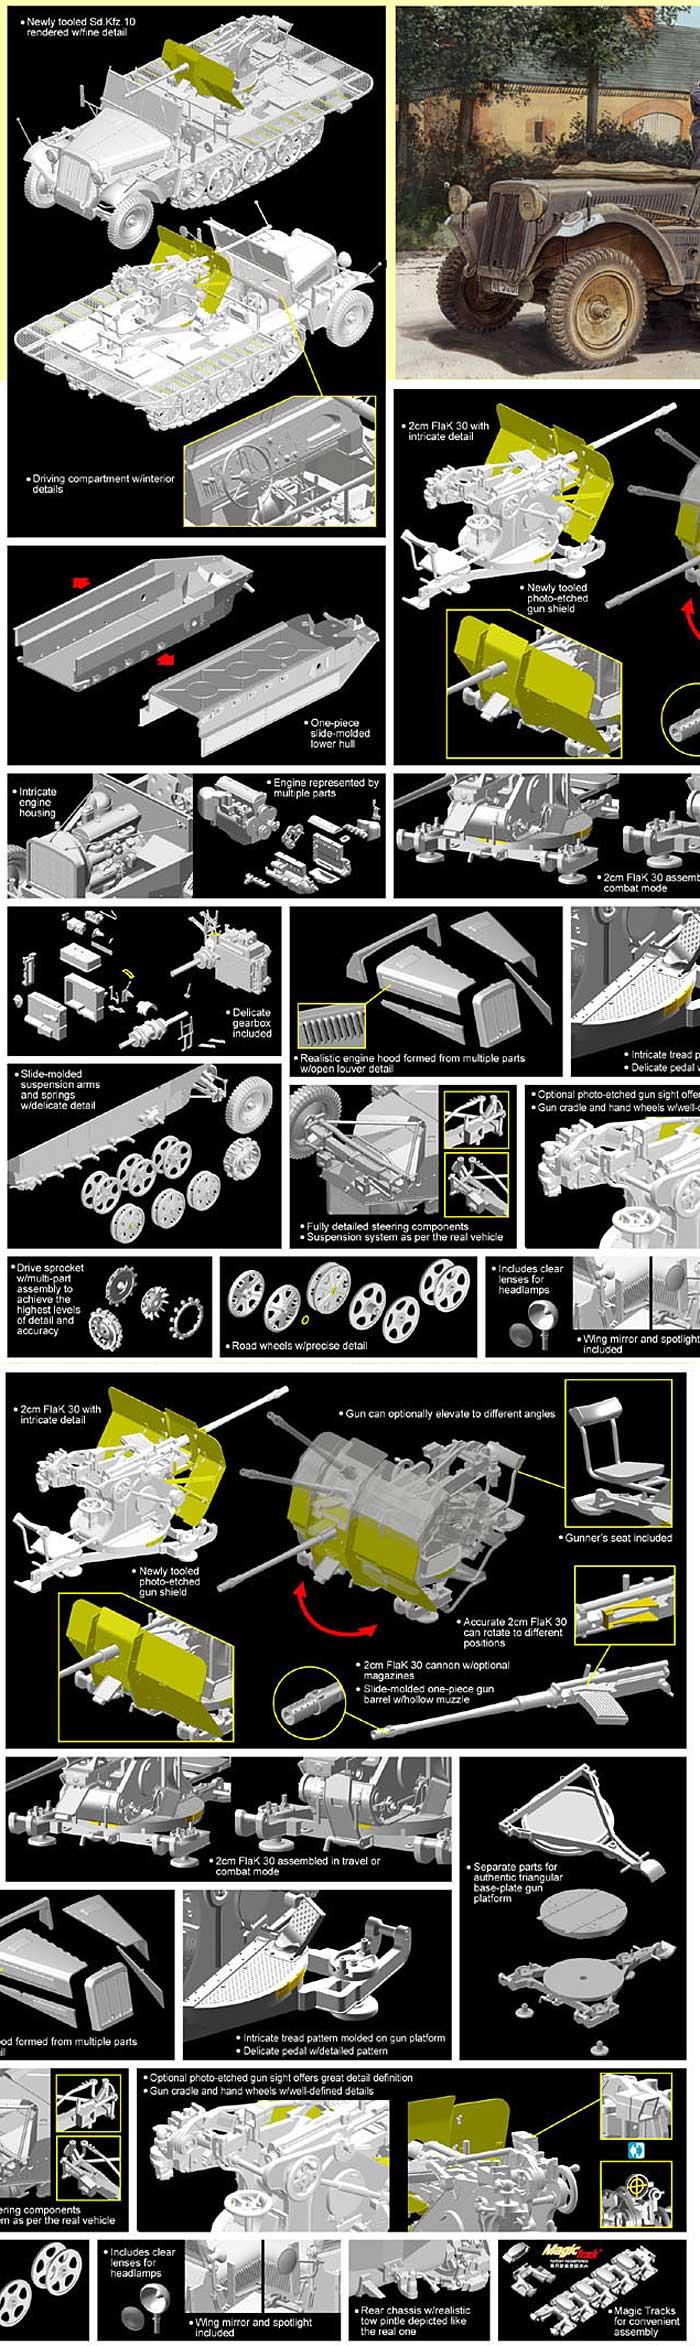 ドイツ Sd.Kfz.10/4 1tハーフトラック 2cm対空機関砲 FlaK30搭載型プラモデル(サイバーホビー1/35 AFV シリーズ ('39~'45 シリーズ)No.6739)商品画像_3